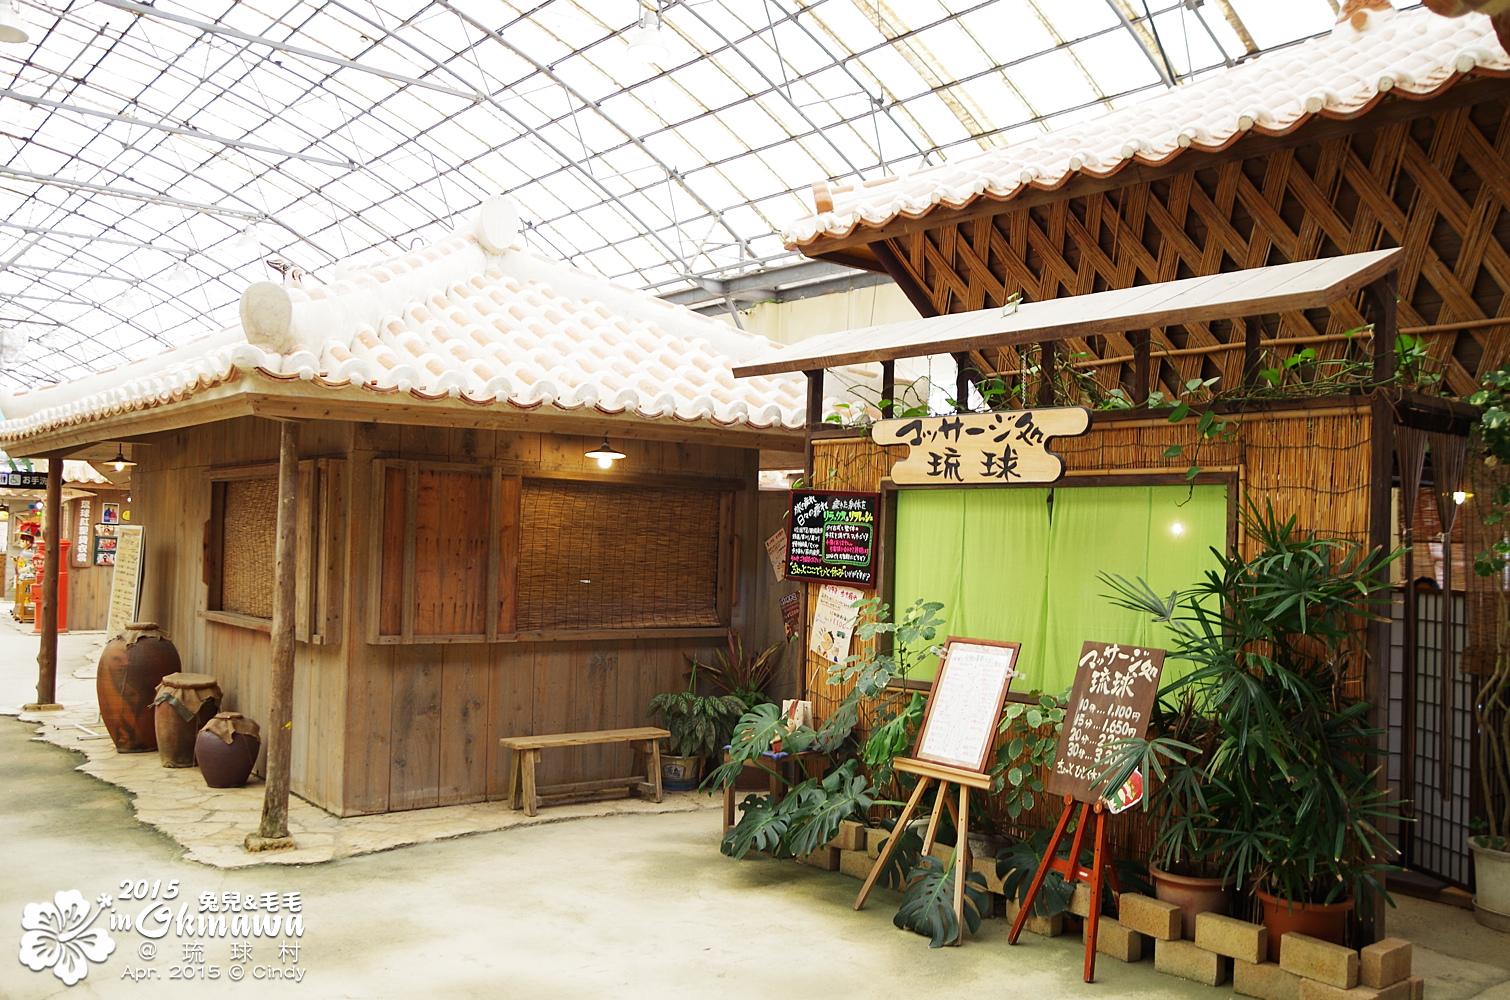 2015-0407-琉球村-01.jpg